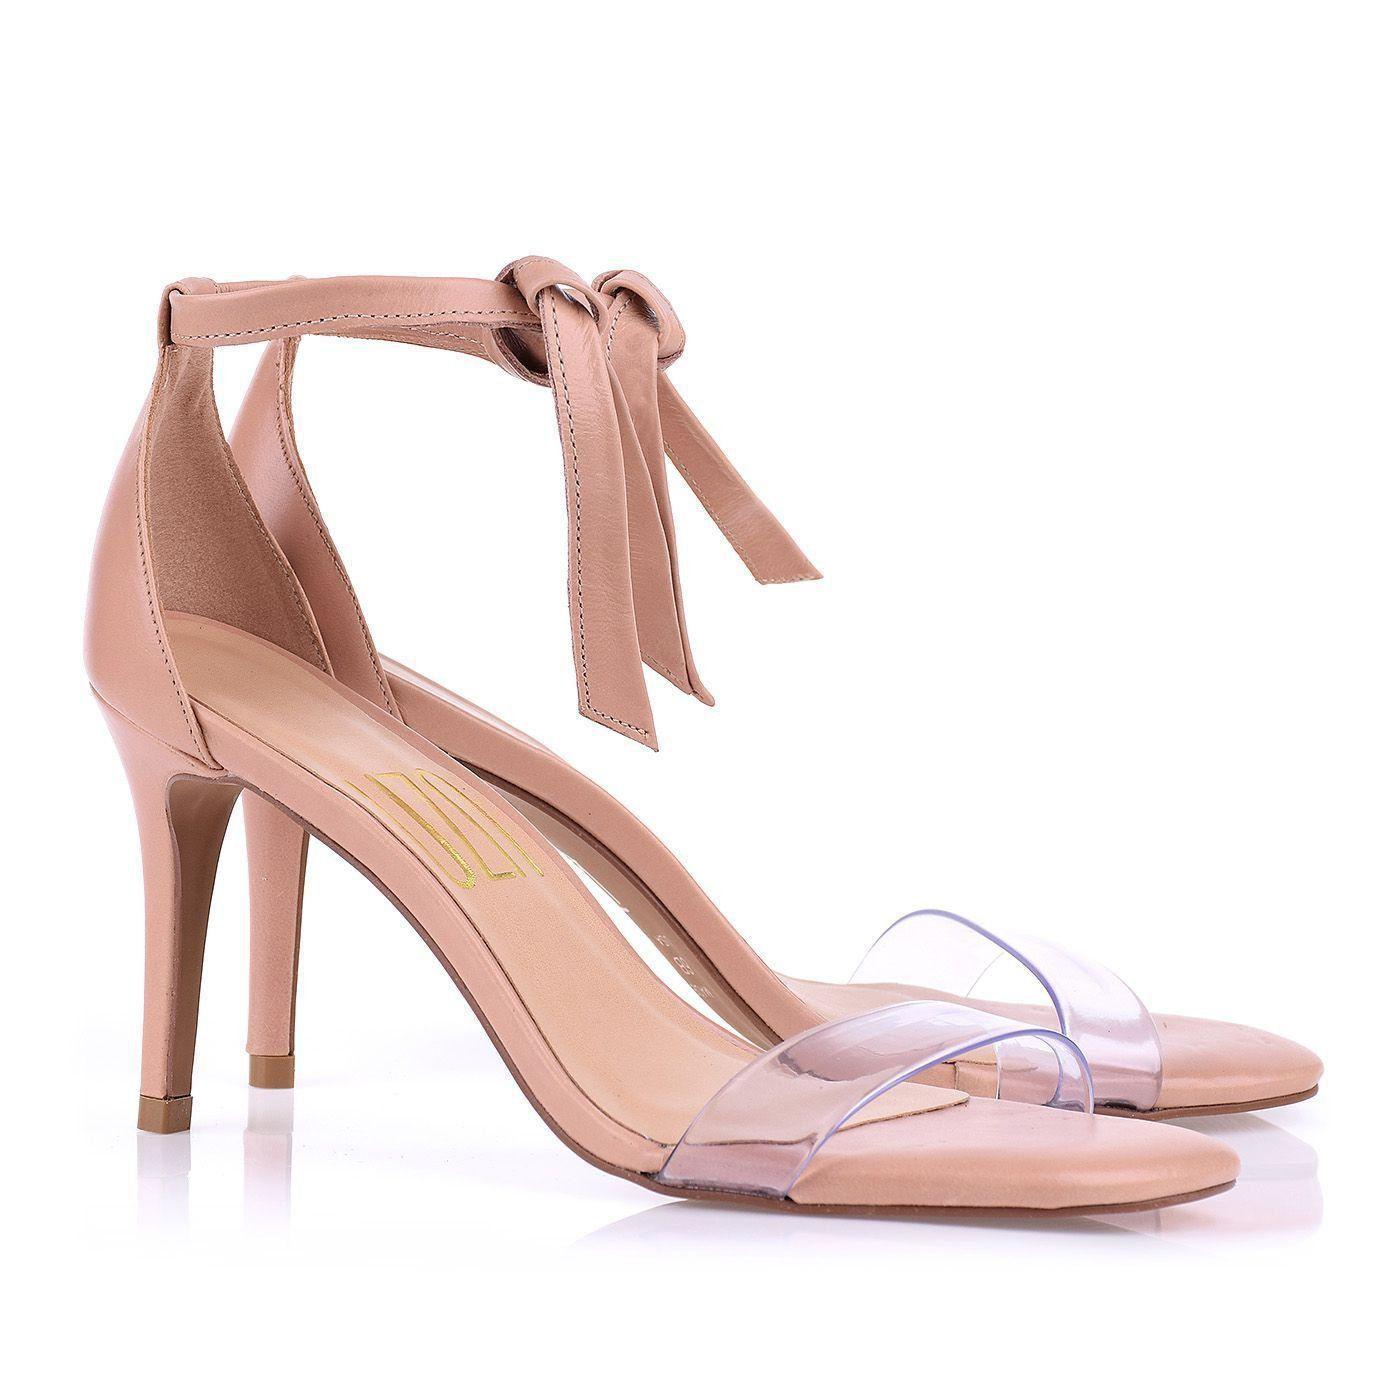 Sandália Salto Médio T.Silicone Cristal Nude